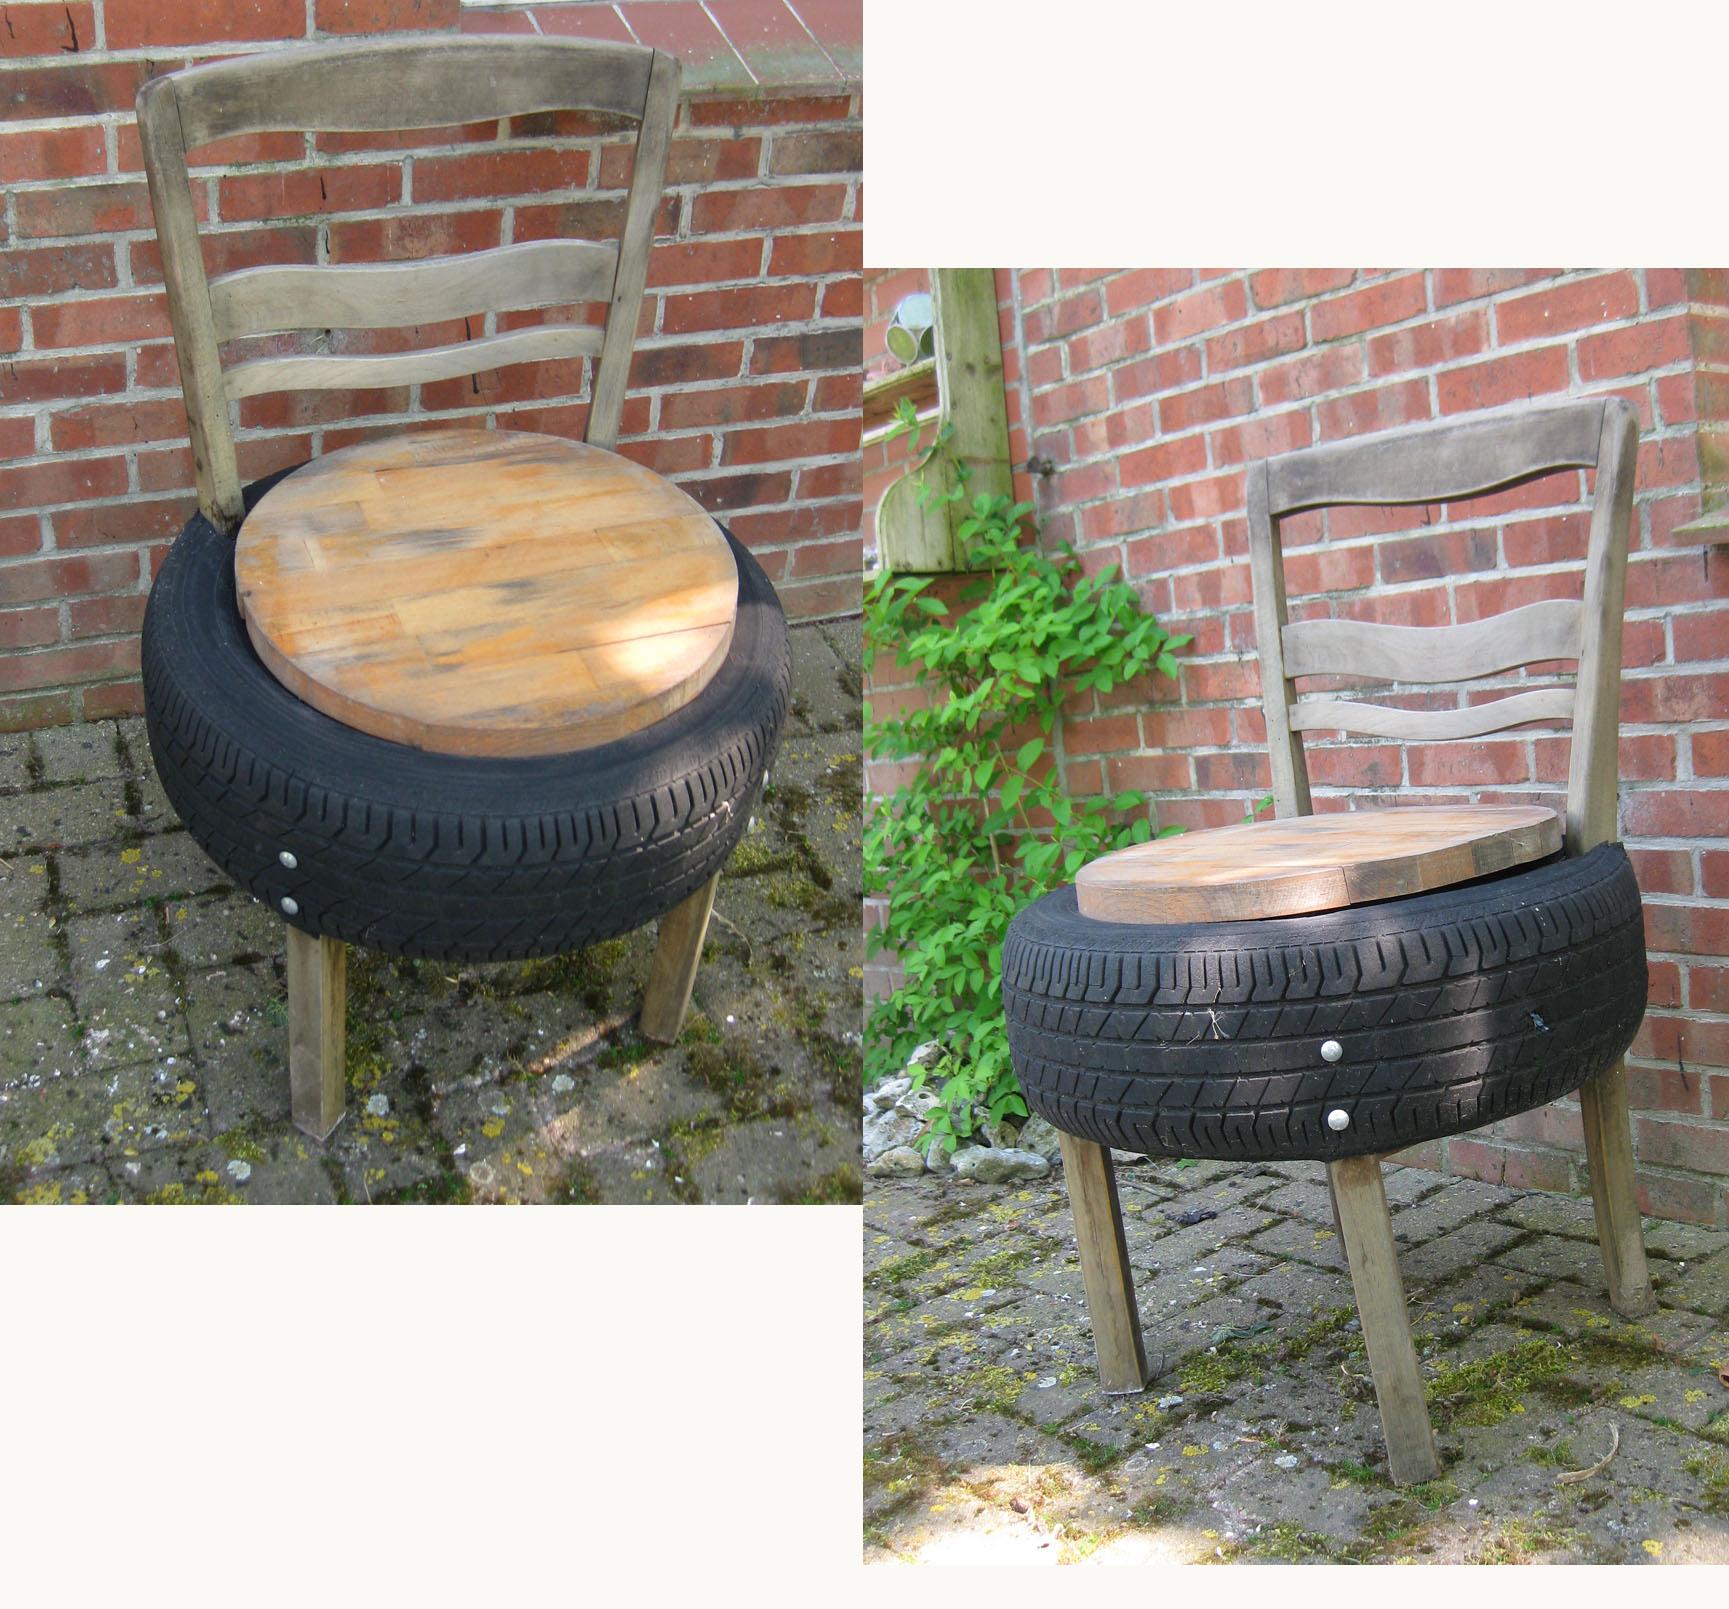 upcycling autoreifen zu gartentisch recyclingkunst und der versuch langsam und nachhaltig zu. Black Bedroom Furniture Sets. Home Design Ideas